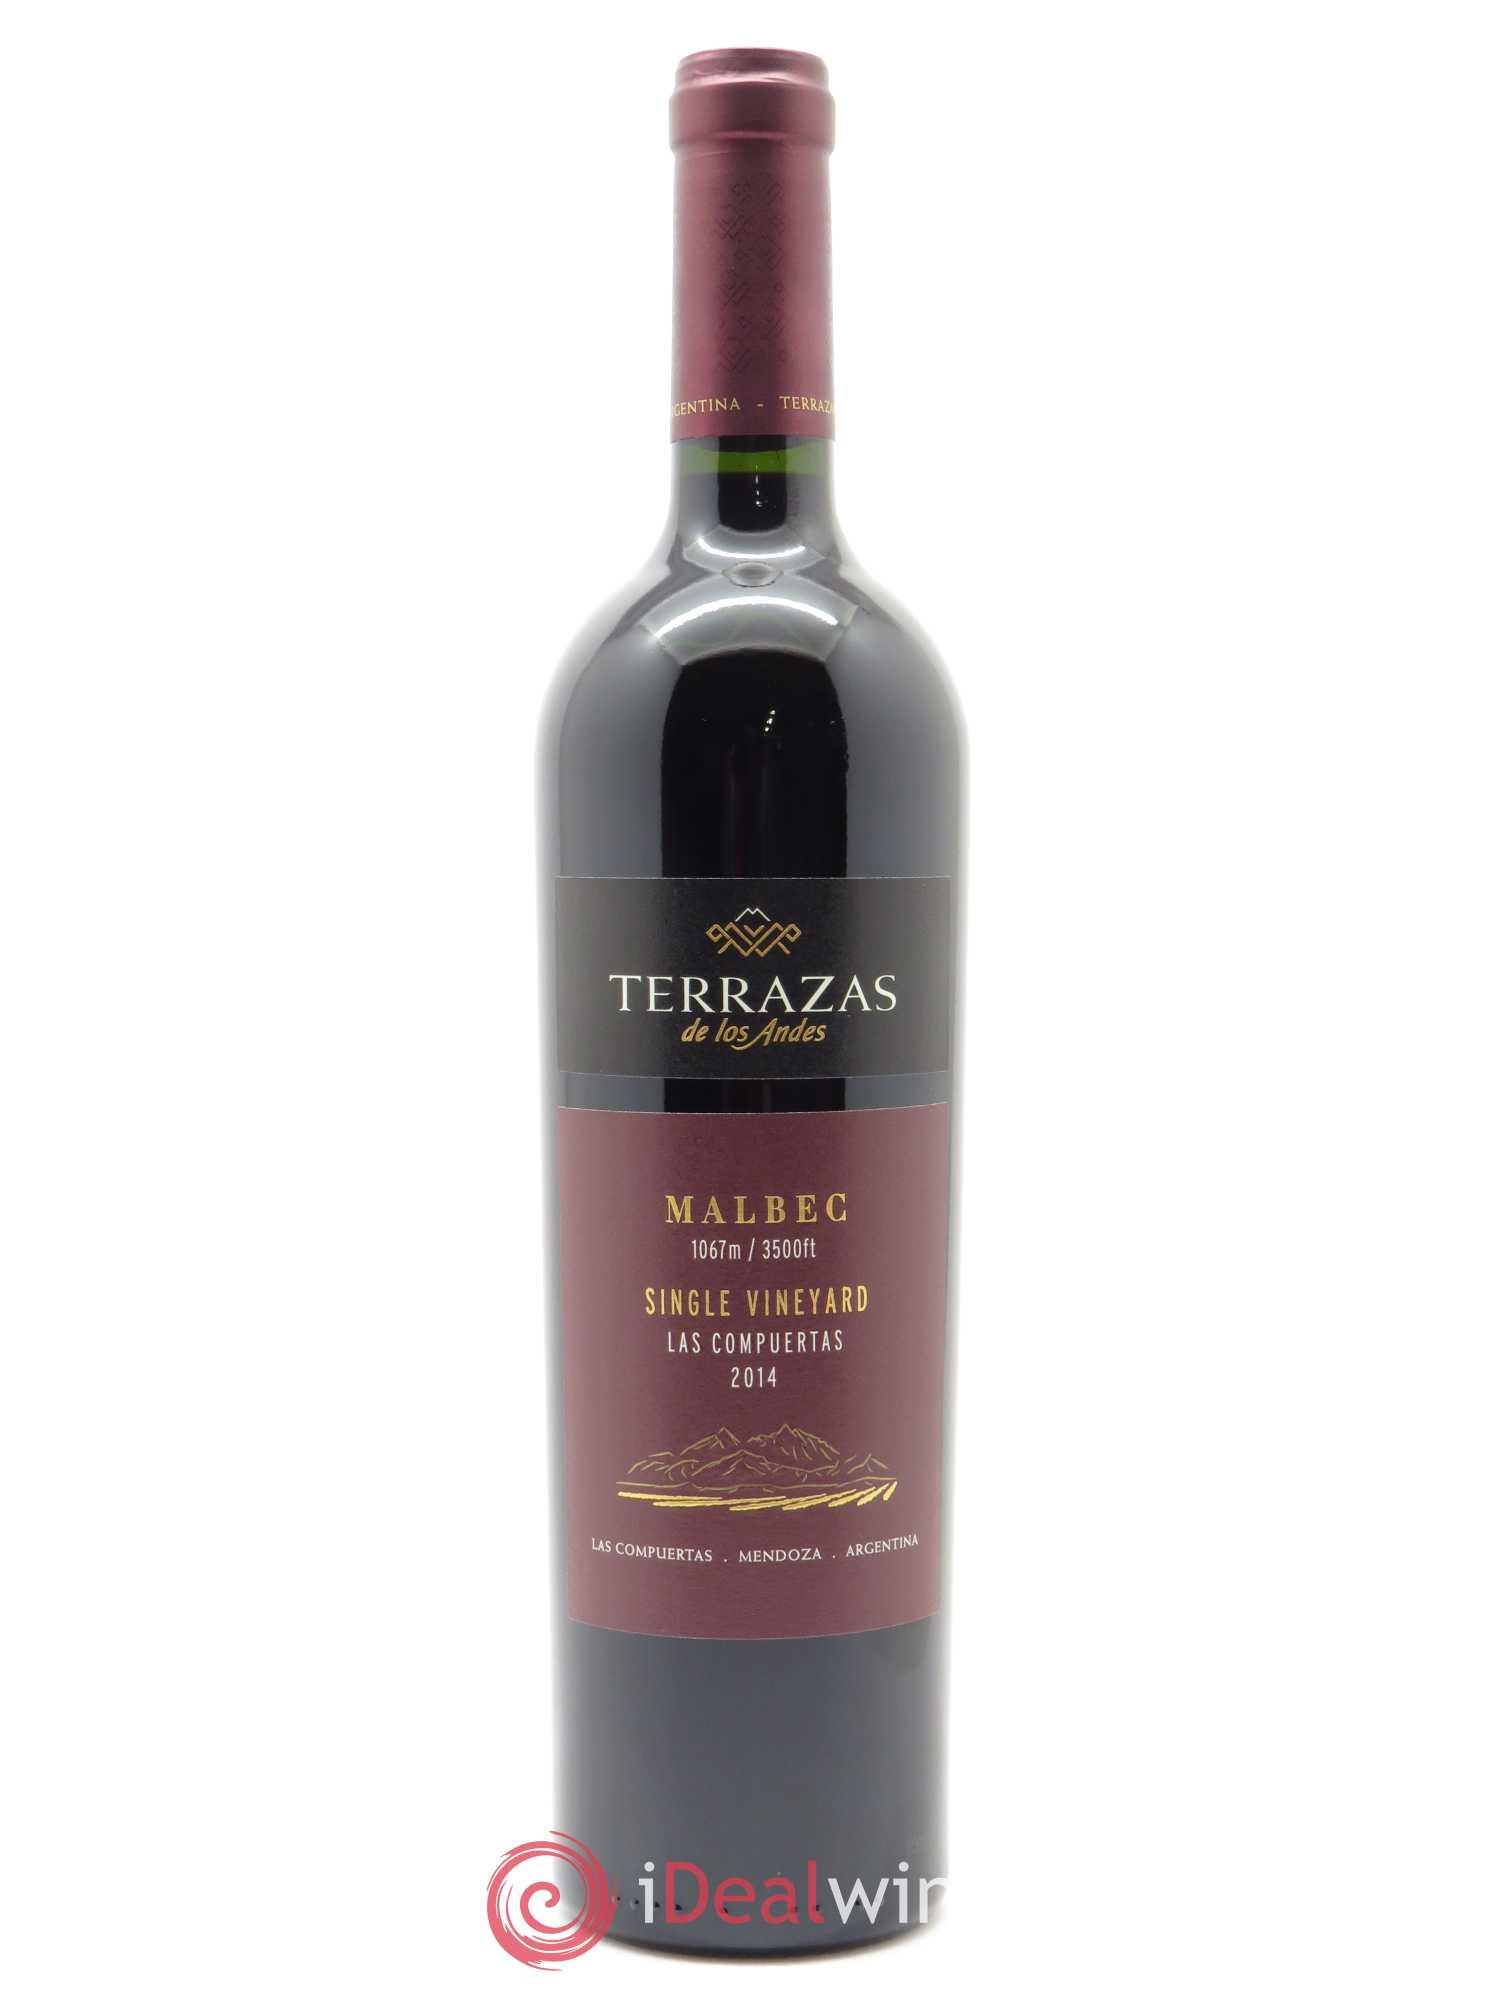 Mendoza Single Vineyard Las Compuertas Malbec Terrazas De Los Andes 2014